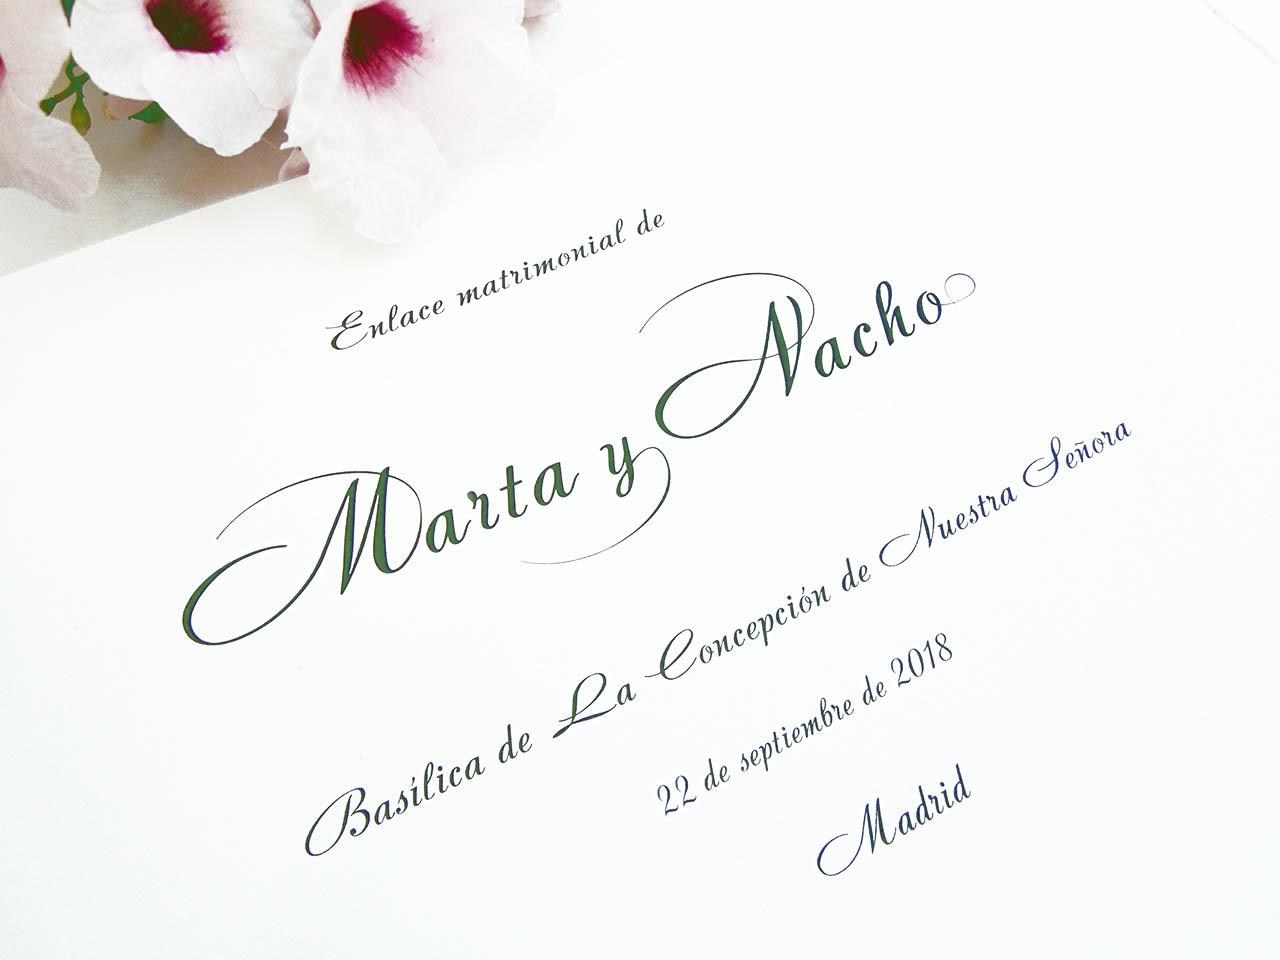 Primera hoja del libro<br> en tipografía Andantino con ornamentos